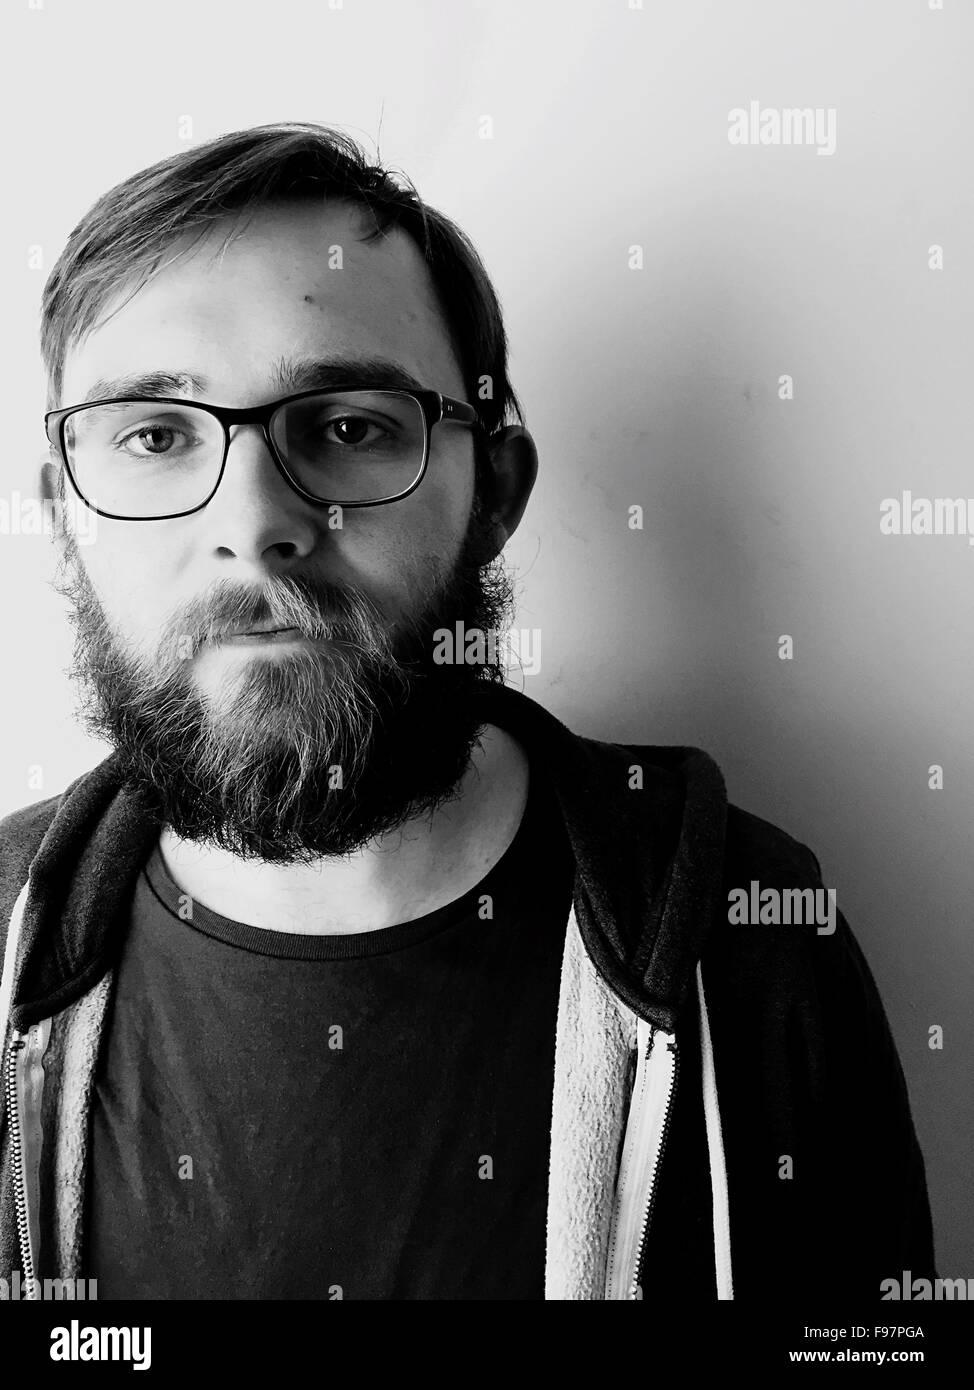 Porträt des Mannes mit Brille stehen gegen die Wand zu Hause Stockbild